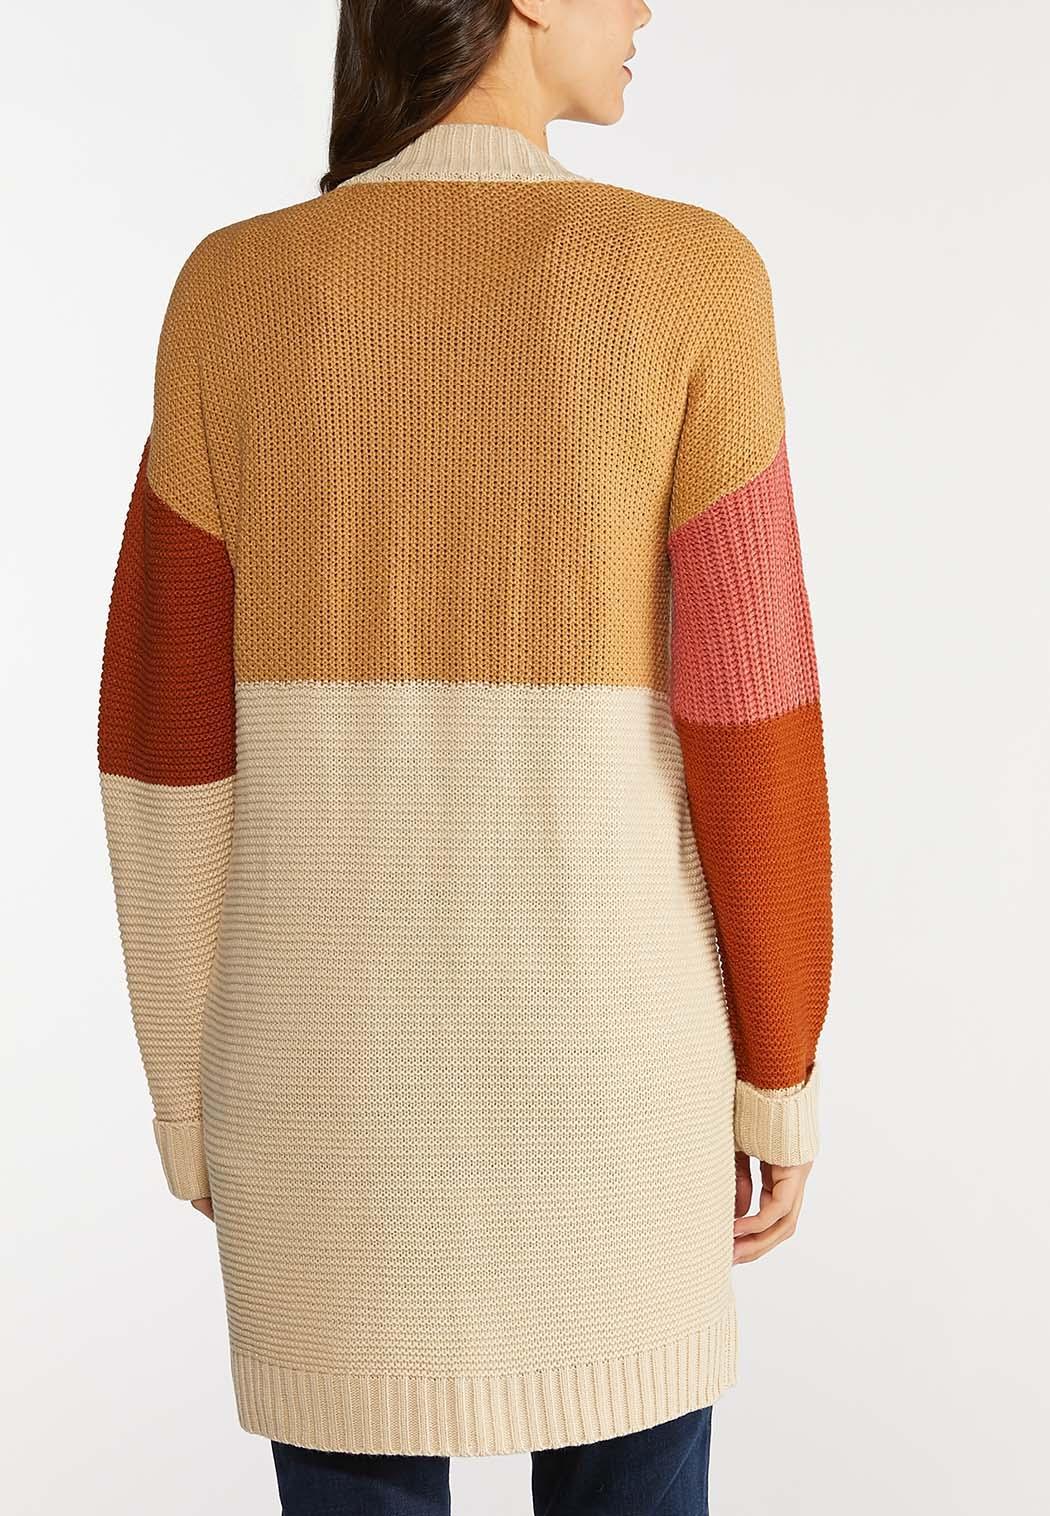 Colorblock Cardigan Sweater (Item #44144445)